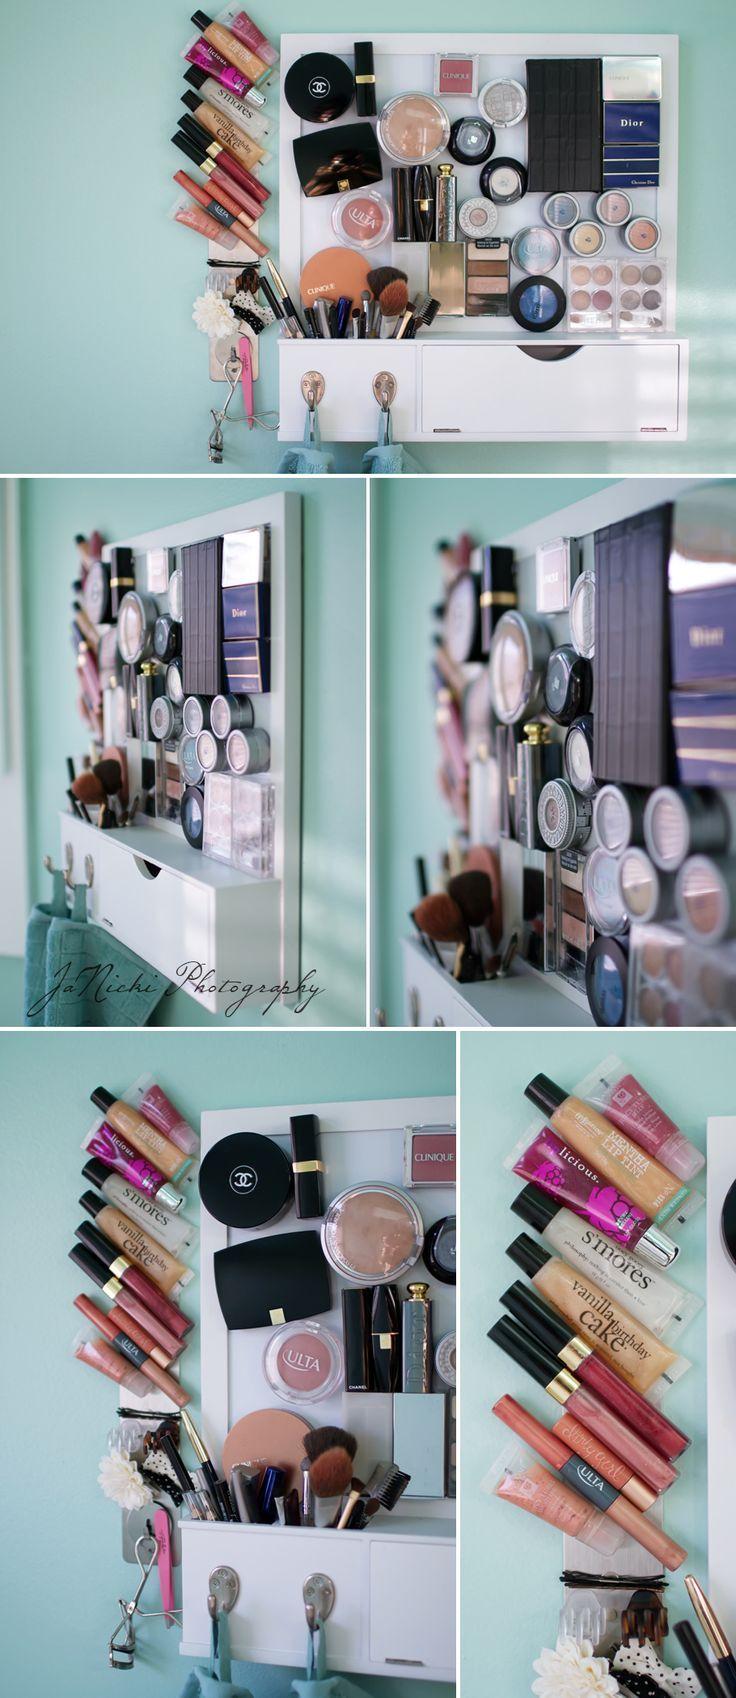 tableau magn tique petite salle de bain rangement rangement salle de bain pinterest. Black Bedroom Furniture Sets. Home Design Ideas